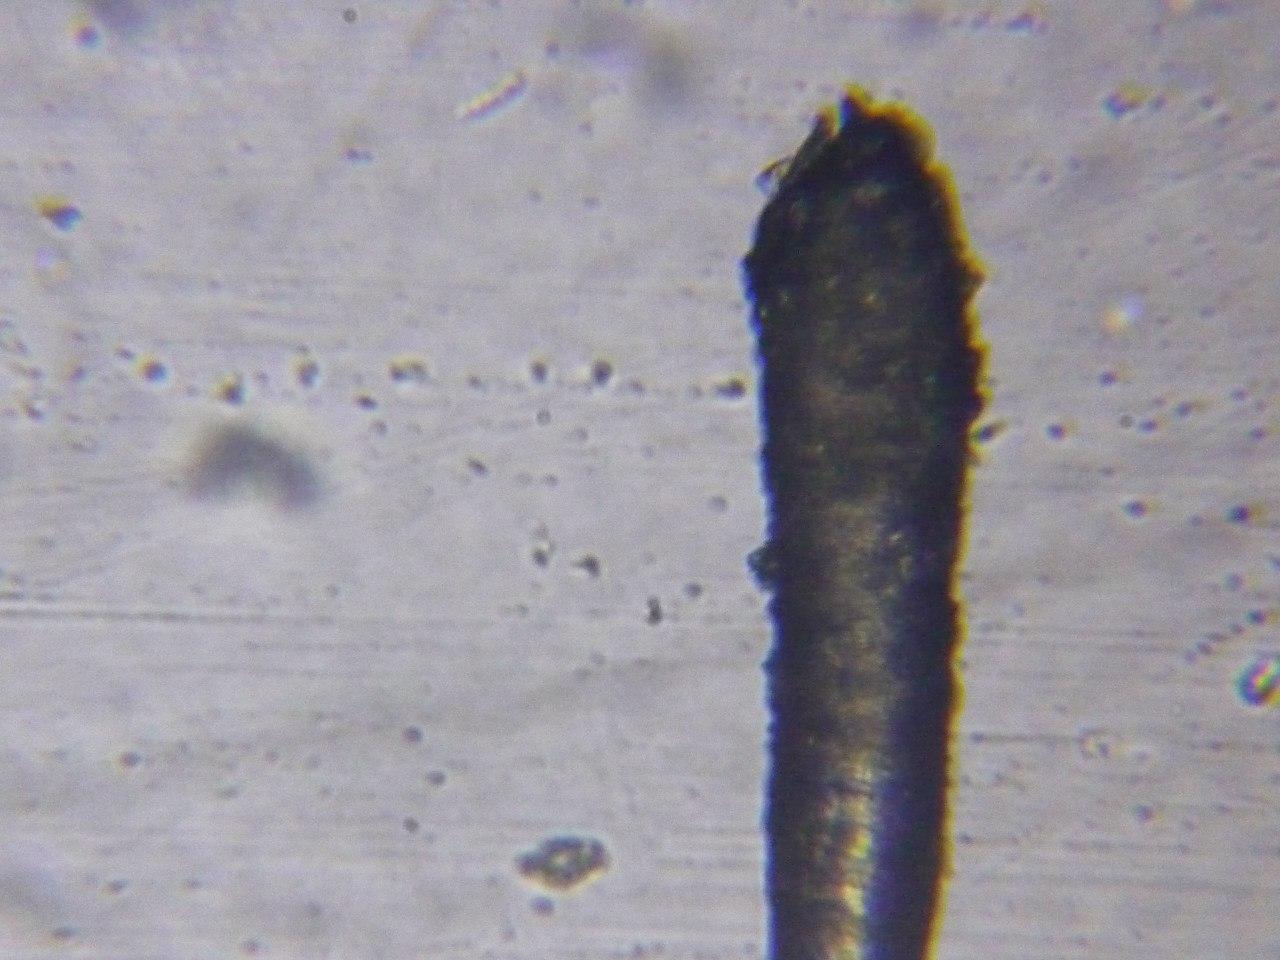 Кончик выпавшего волоса под микроскопом